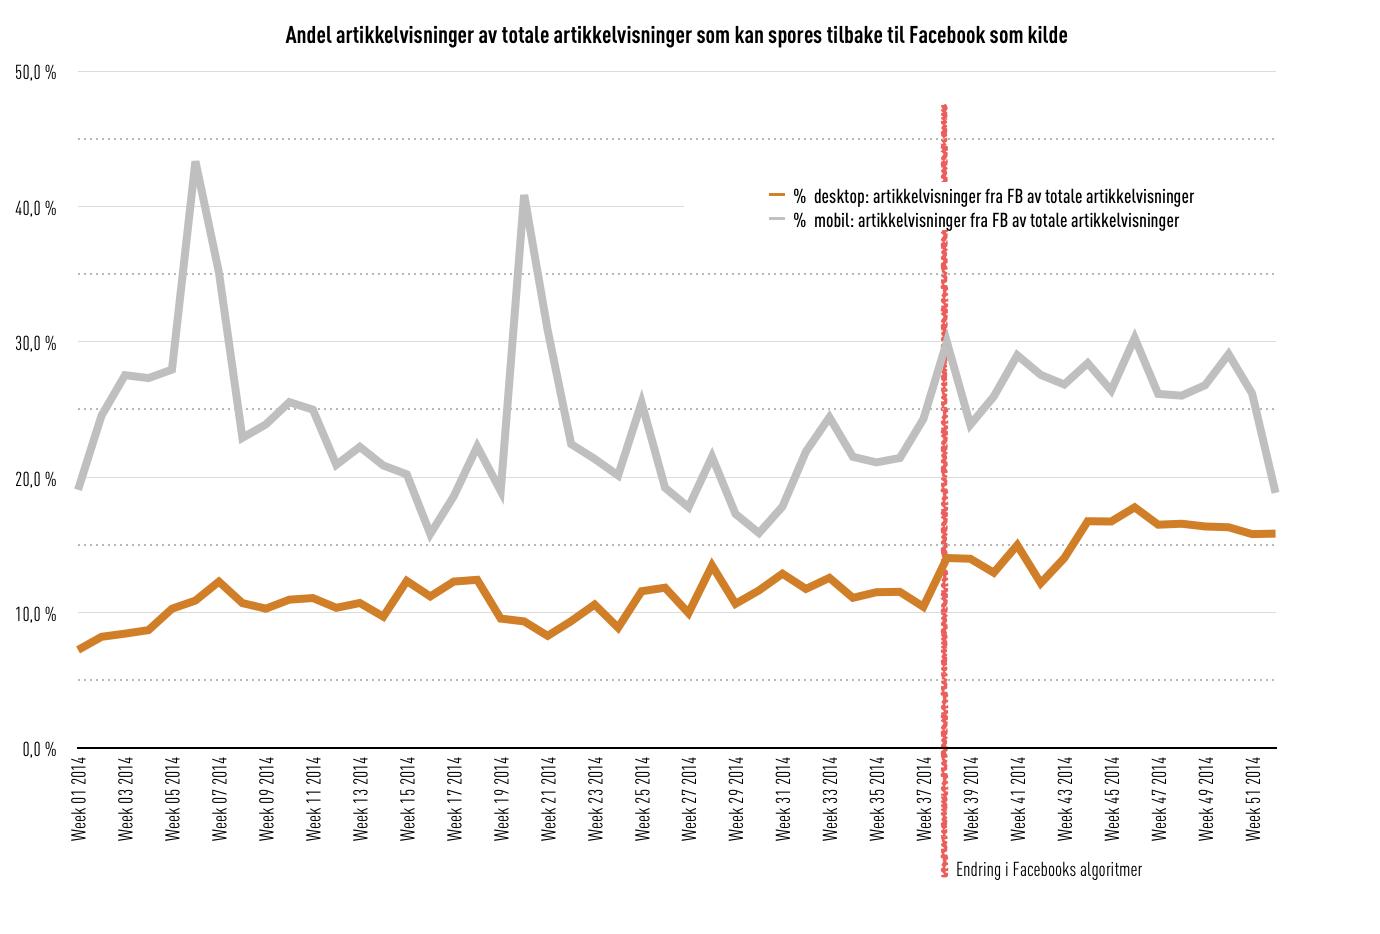 Prosentandel artikkelvisninger av totale artikkelvisninger med Facebook som kilde, Amedias aviser, desktop og mobil, uke 1–51 2014 (kilde: Amedia)